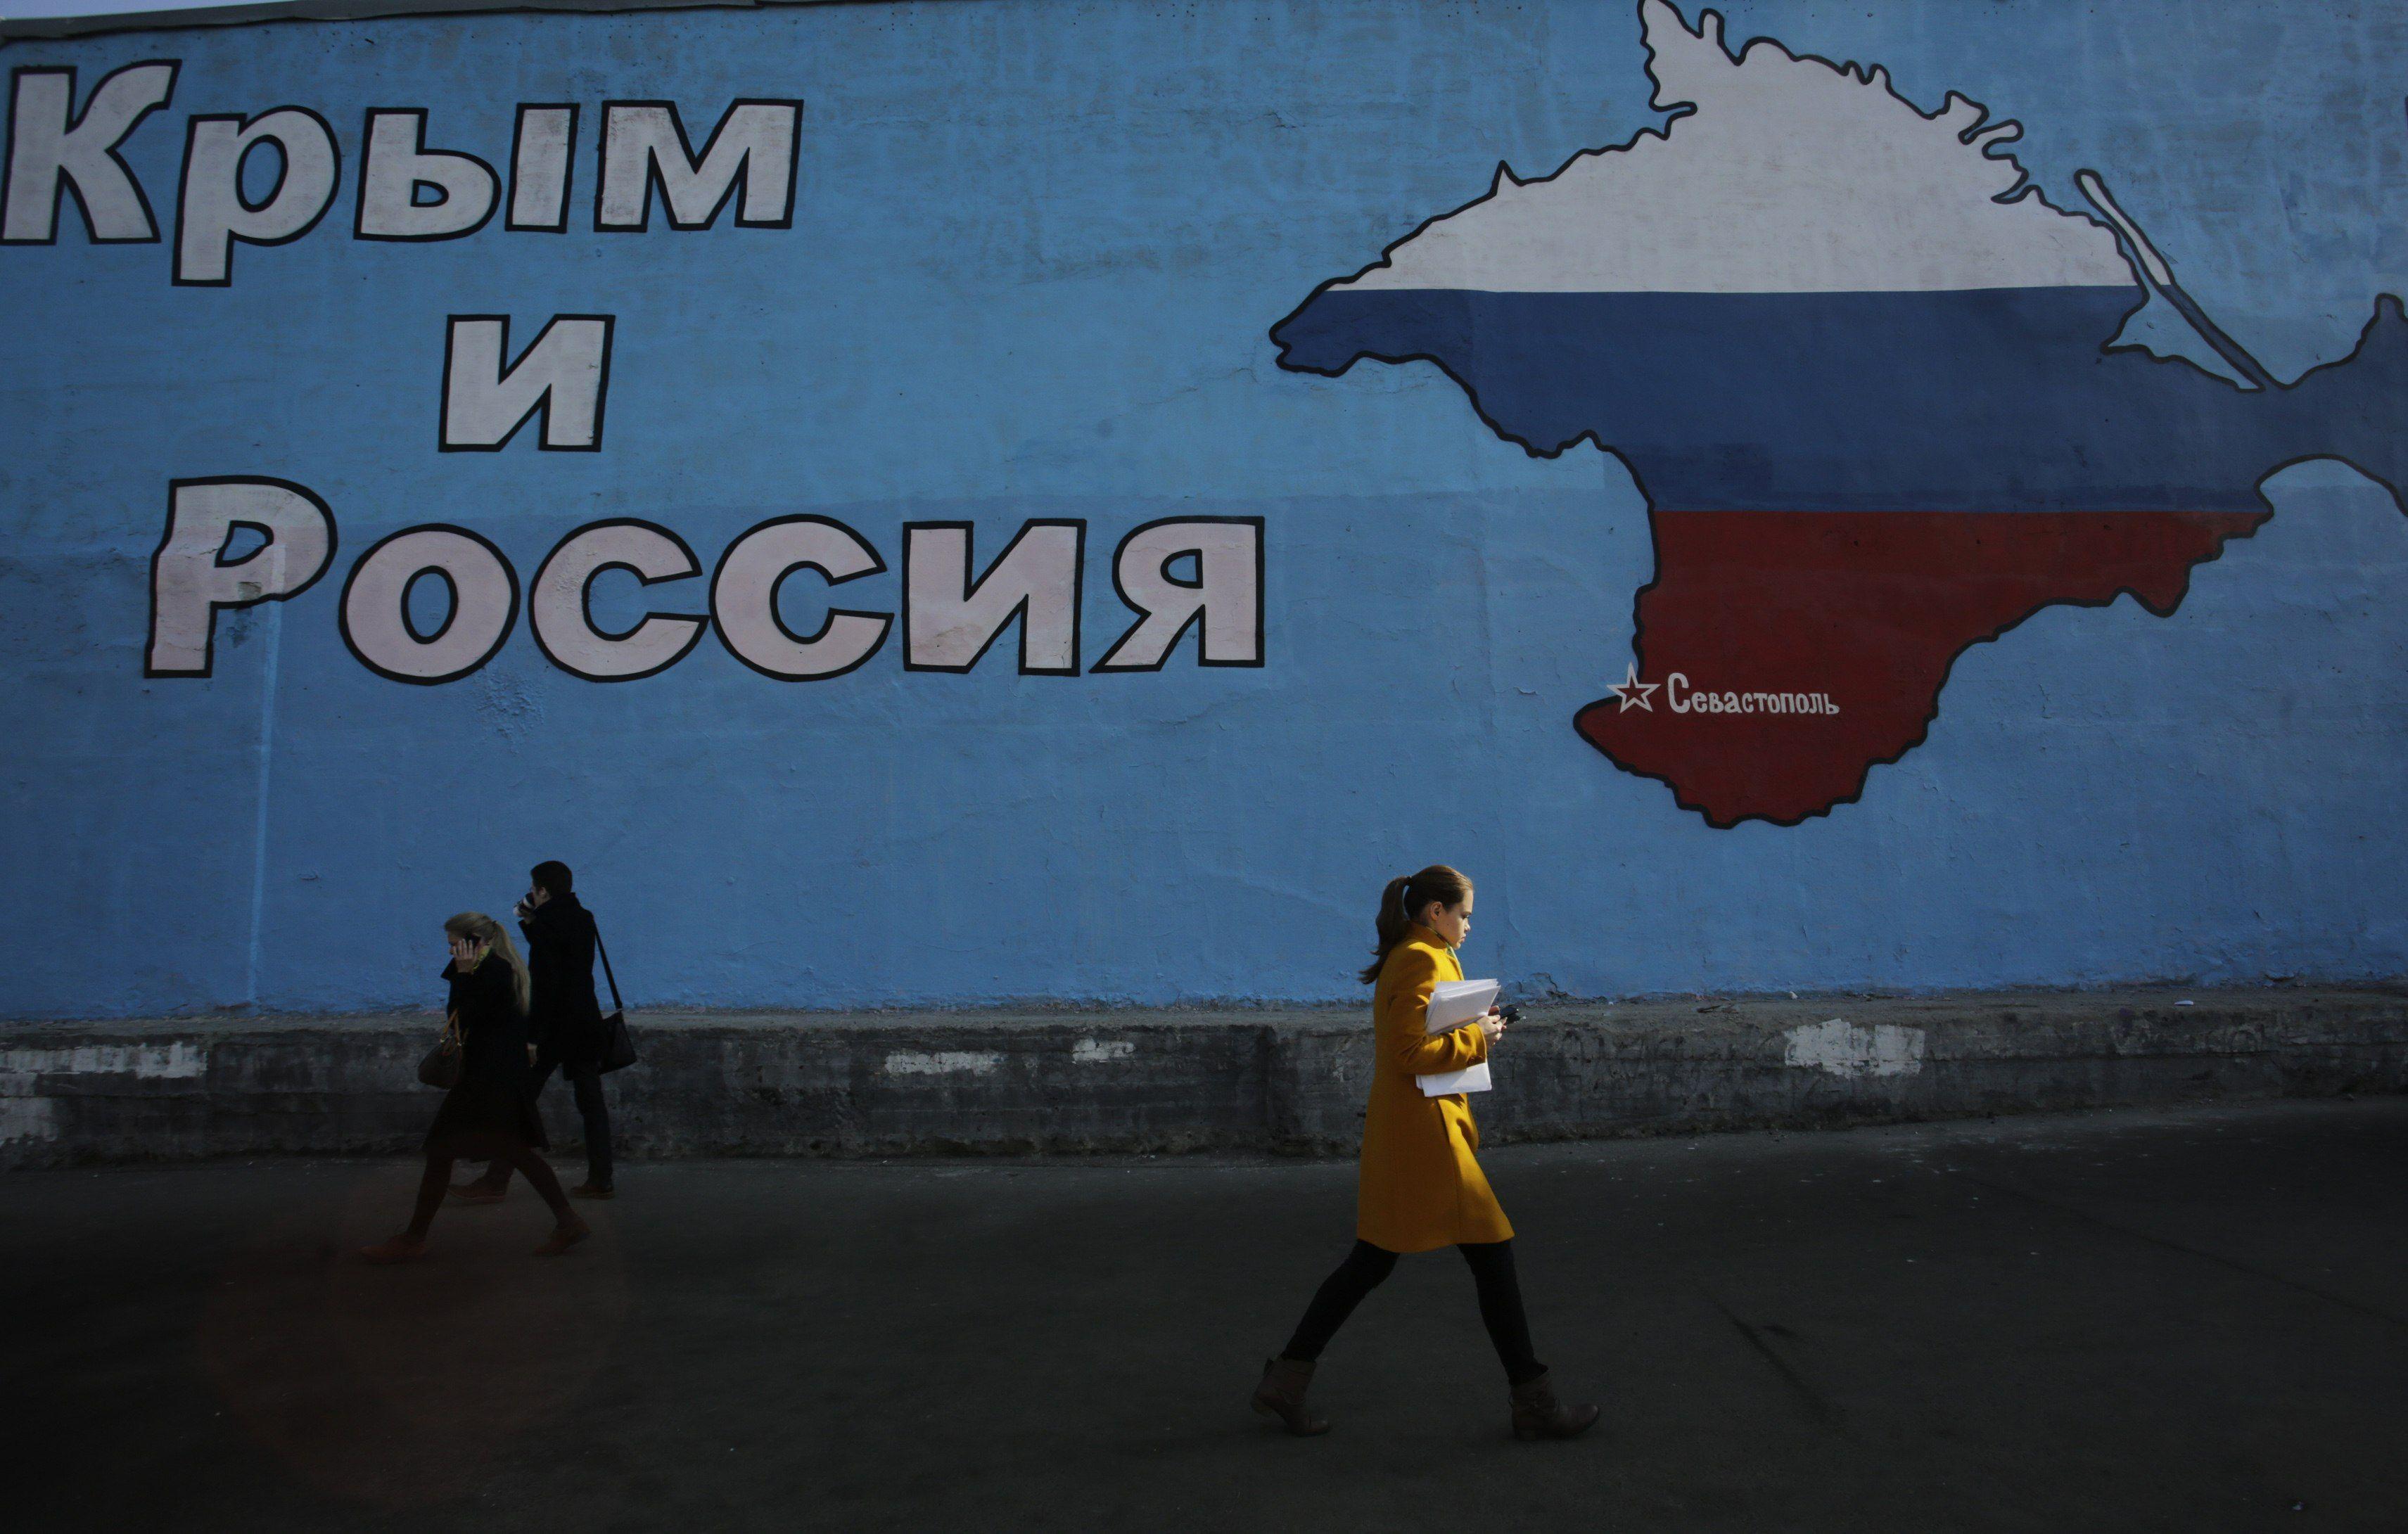 Российская пропаганда в Крыму